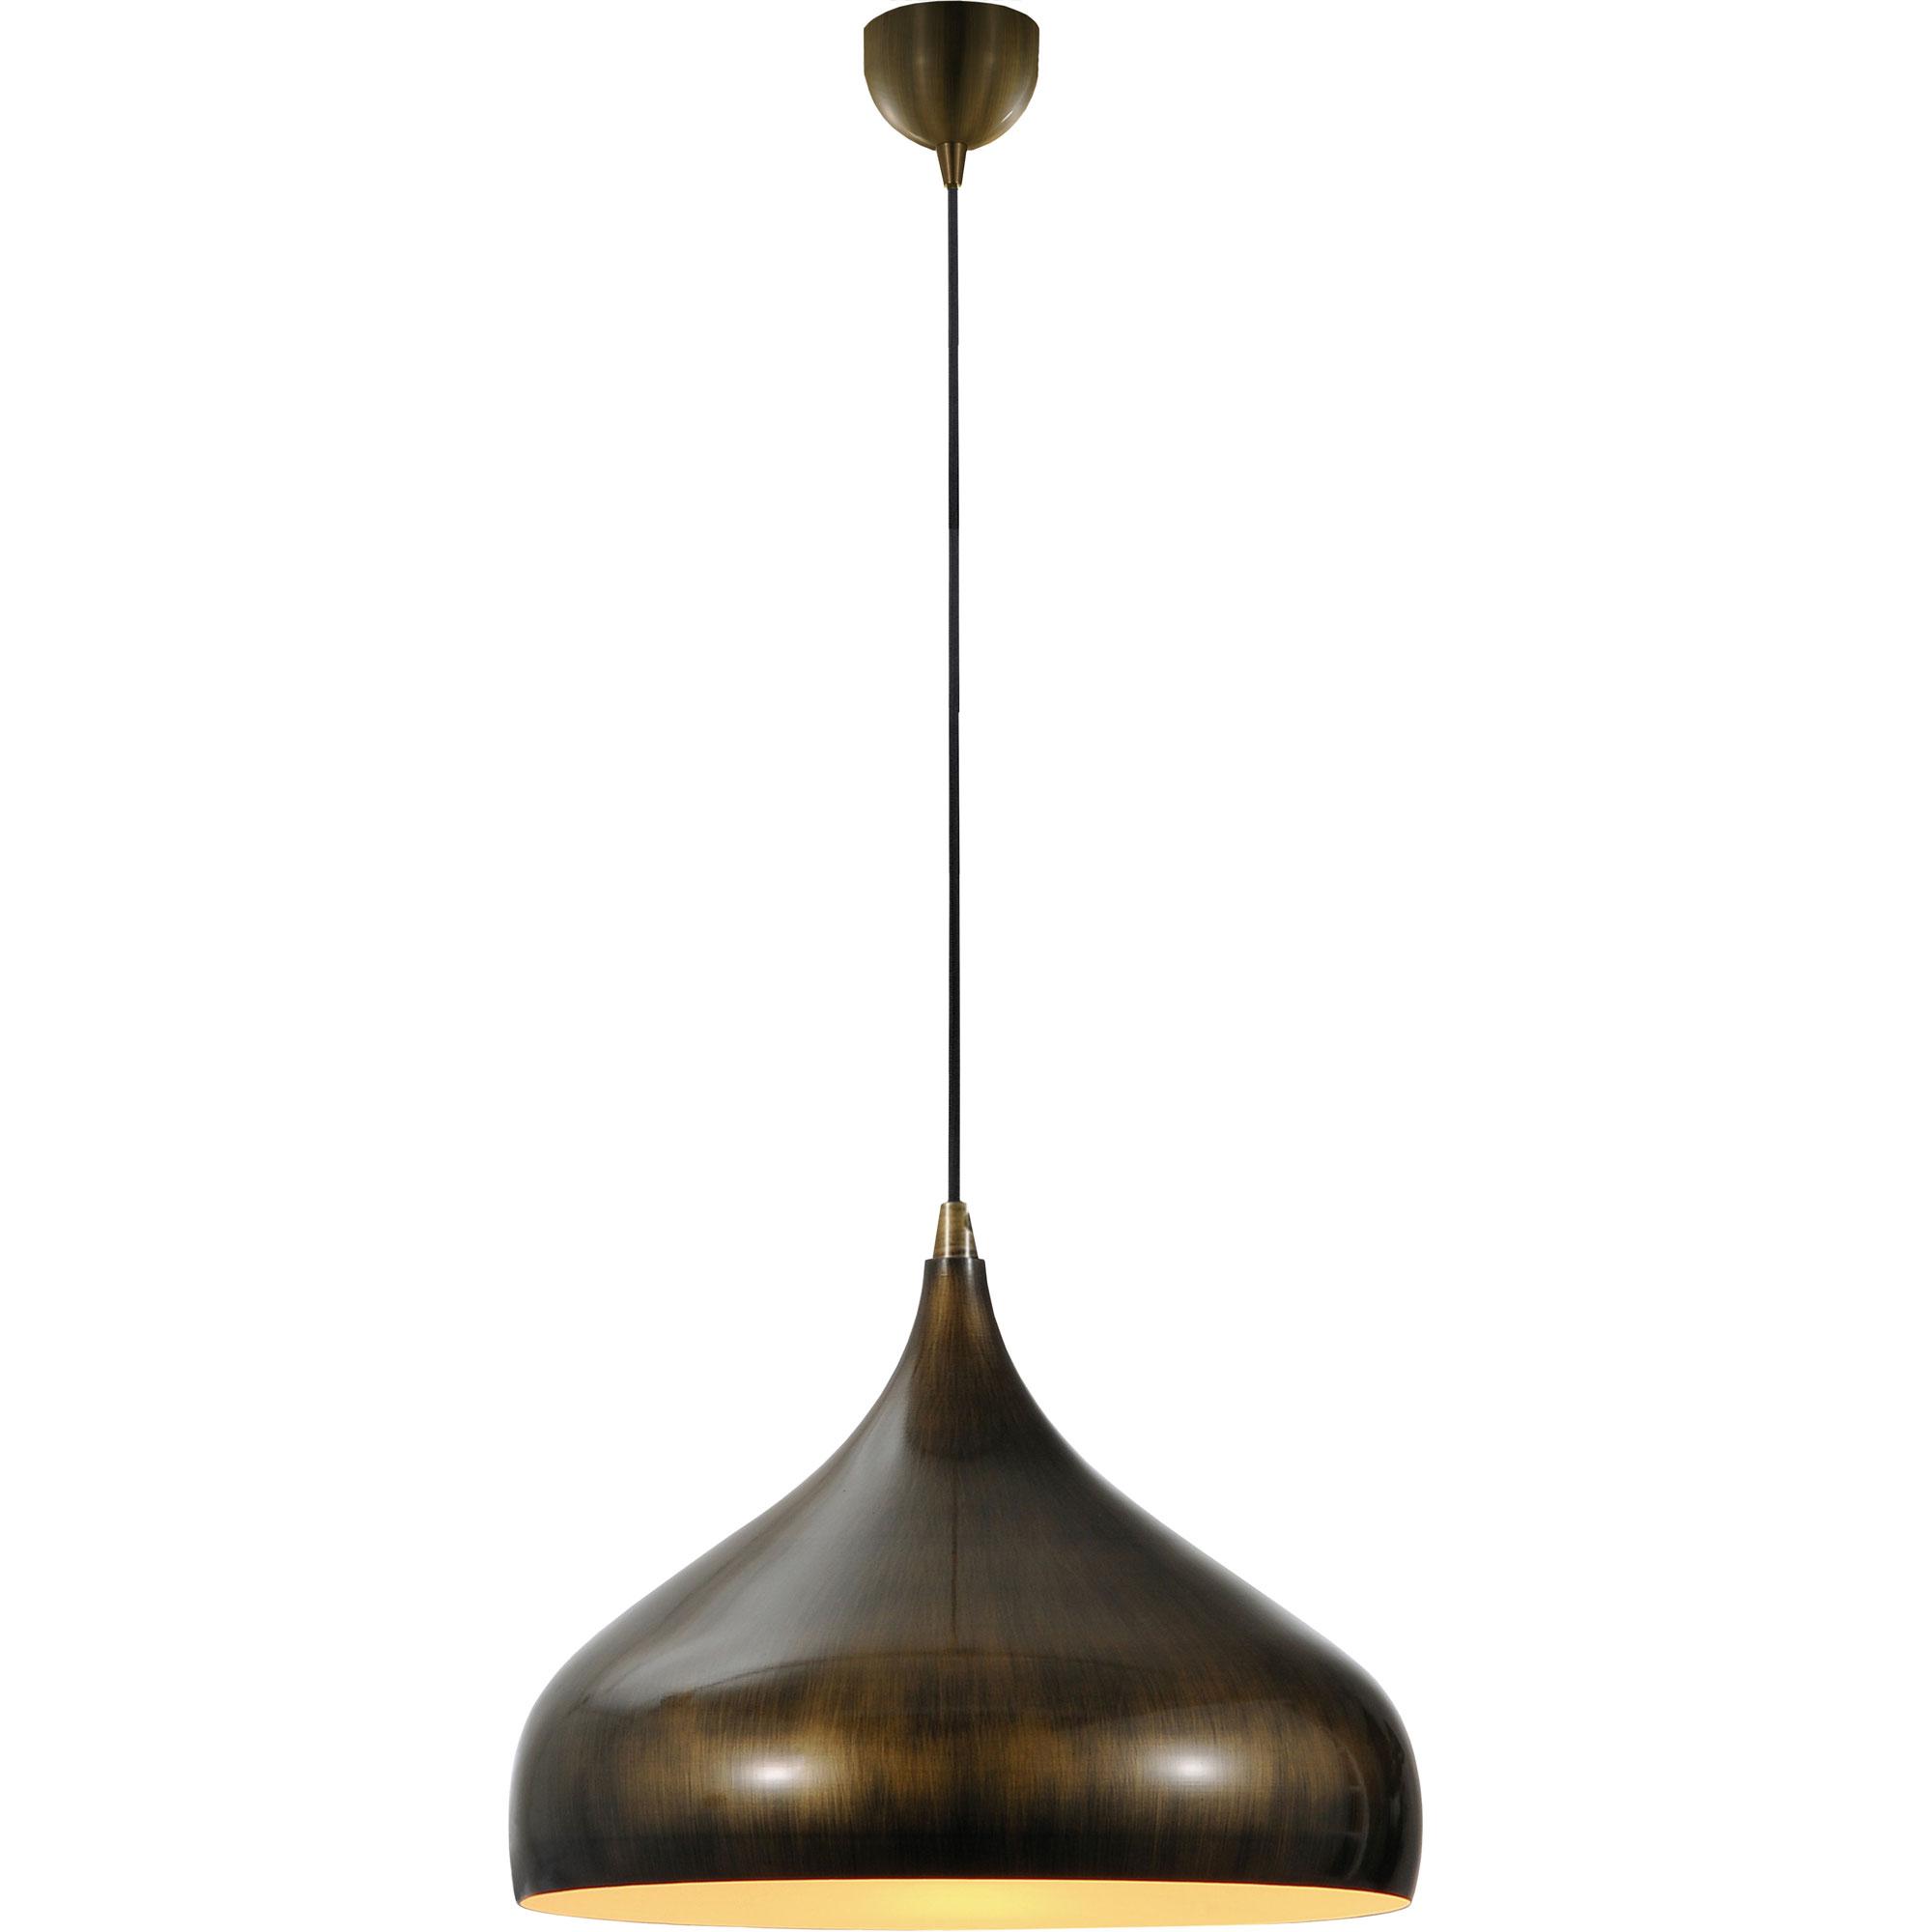 Светильник подвесной Loft Lsp-9655 браслет power balance бкм 9655